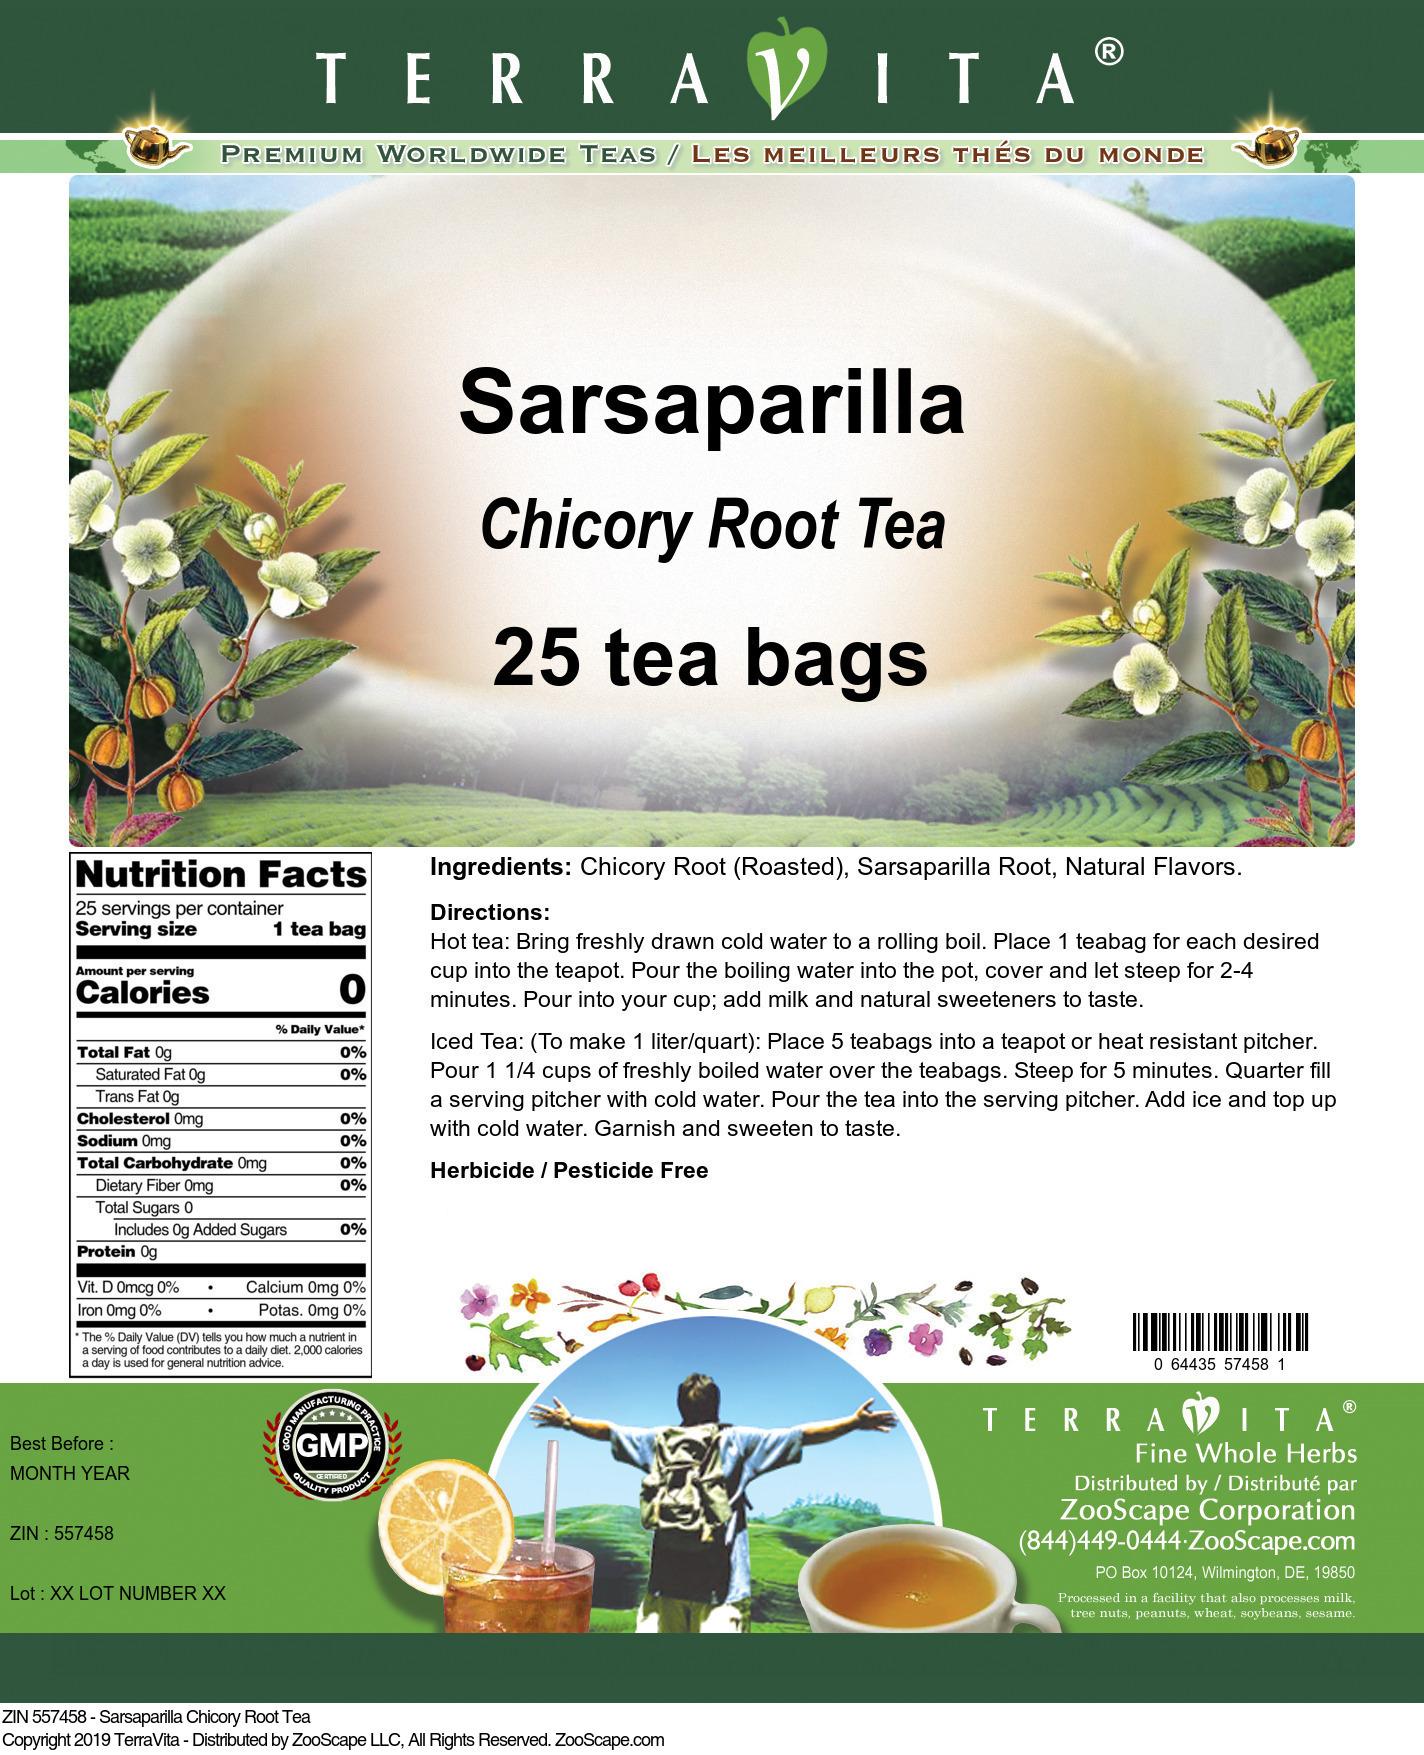 Sarsaparilla Chicory Root